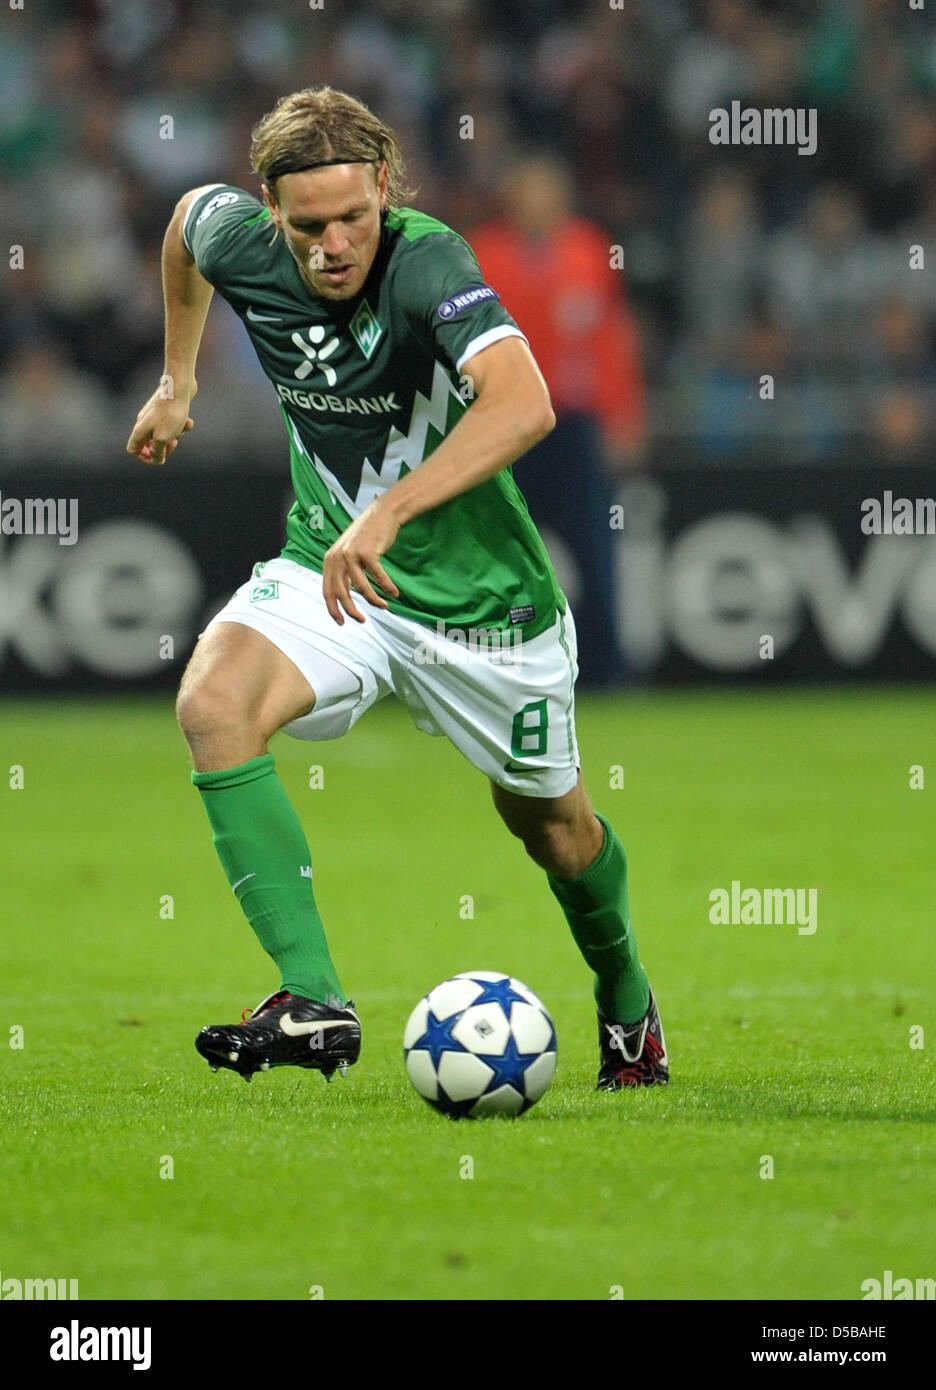 Fu§ball, Champions League, Qualifikation, Werder Bremen - UC Sampdoria Genua am Mittwoch (18.08.2010) im Weserstadion - Stock Image